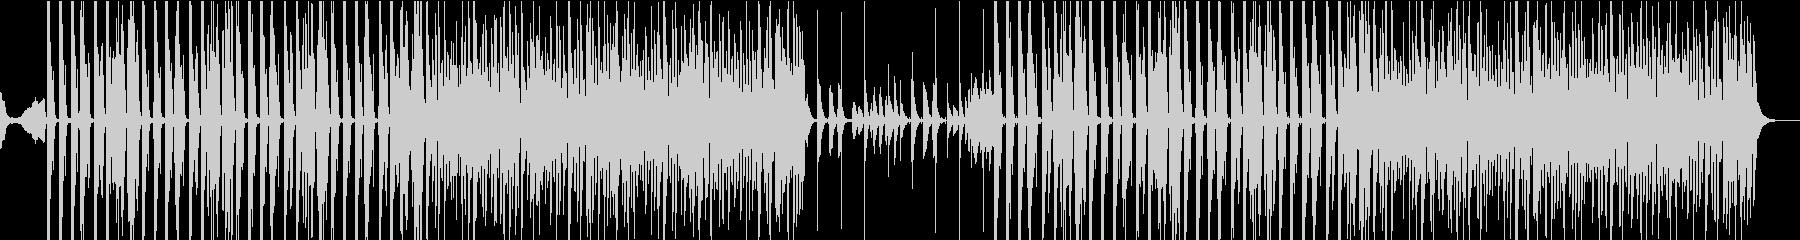 Jazz Musicの未再生の波形